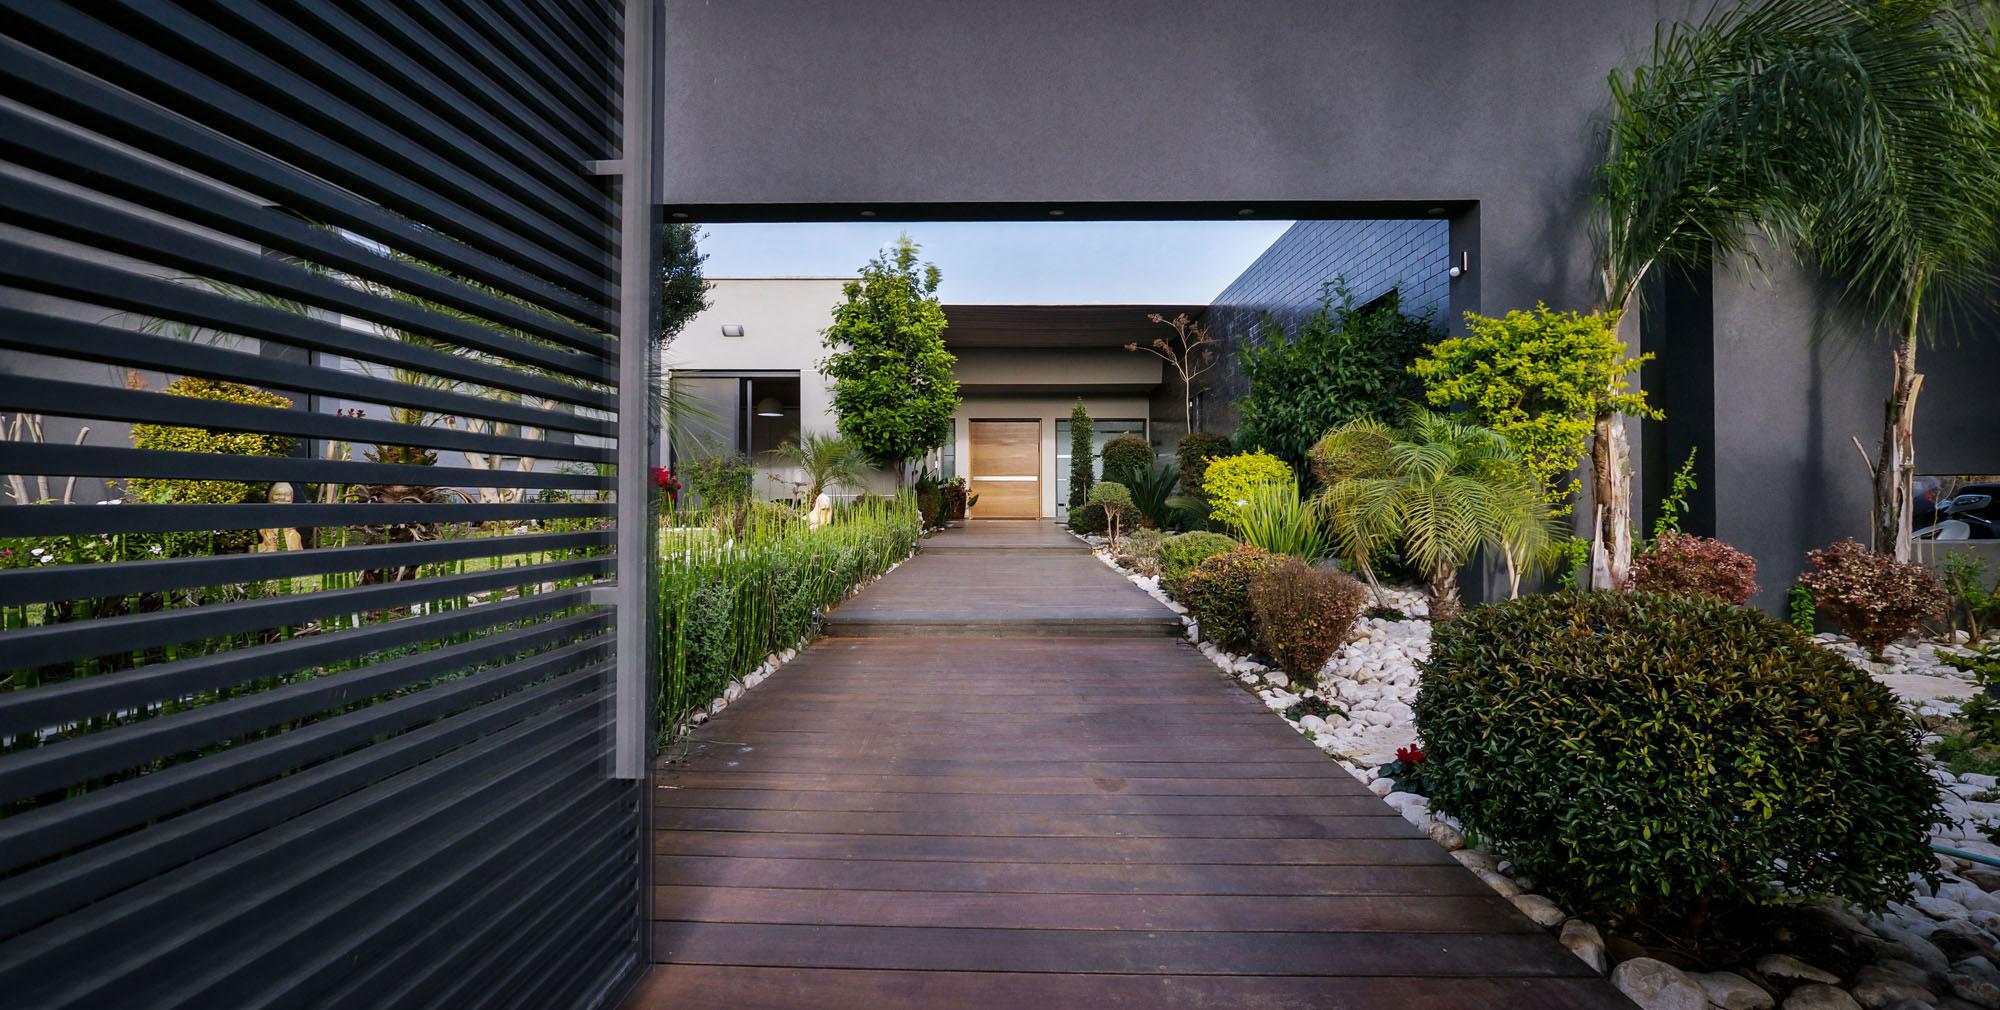 Lyxig-villa-med-en-samtida-design-från-Israel-2 Lyxig villa med modern design från Israel